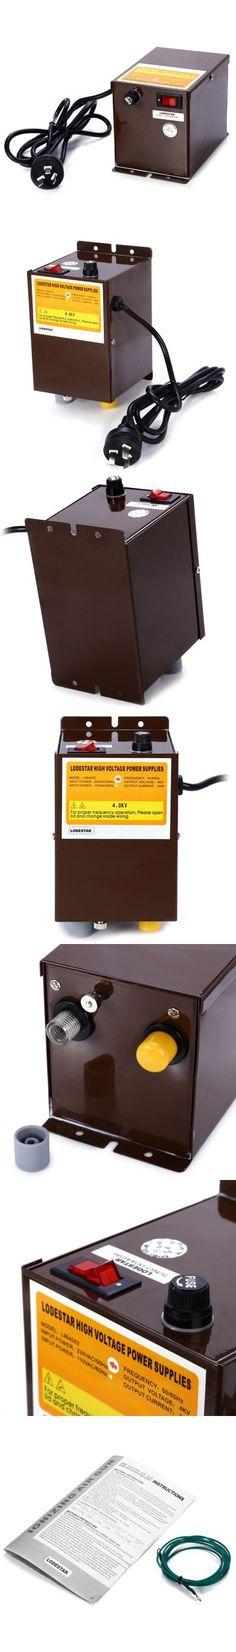 LODESTAR L904002 High Voltage Power Supplies